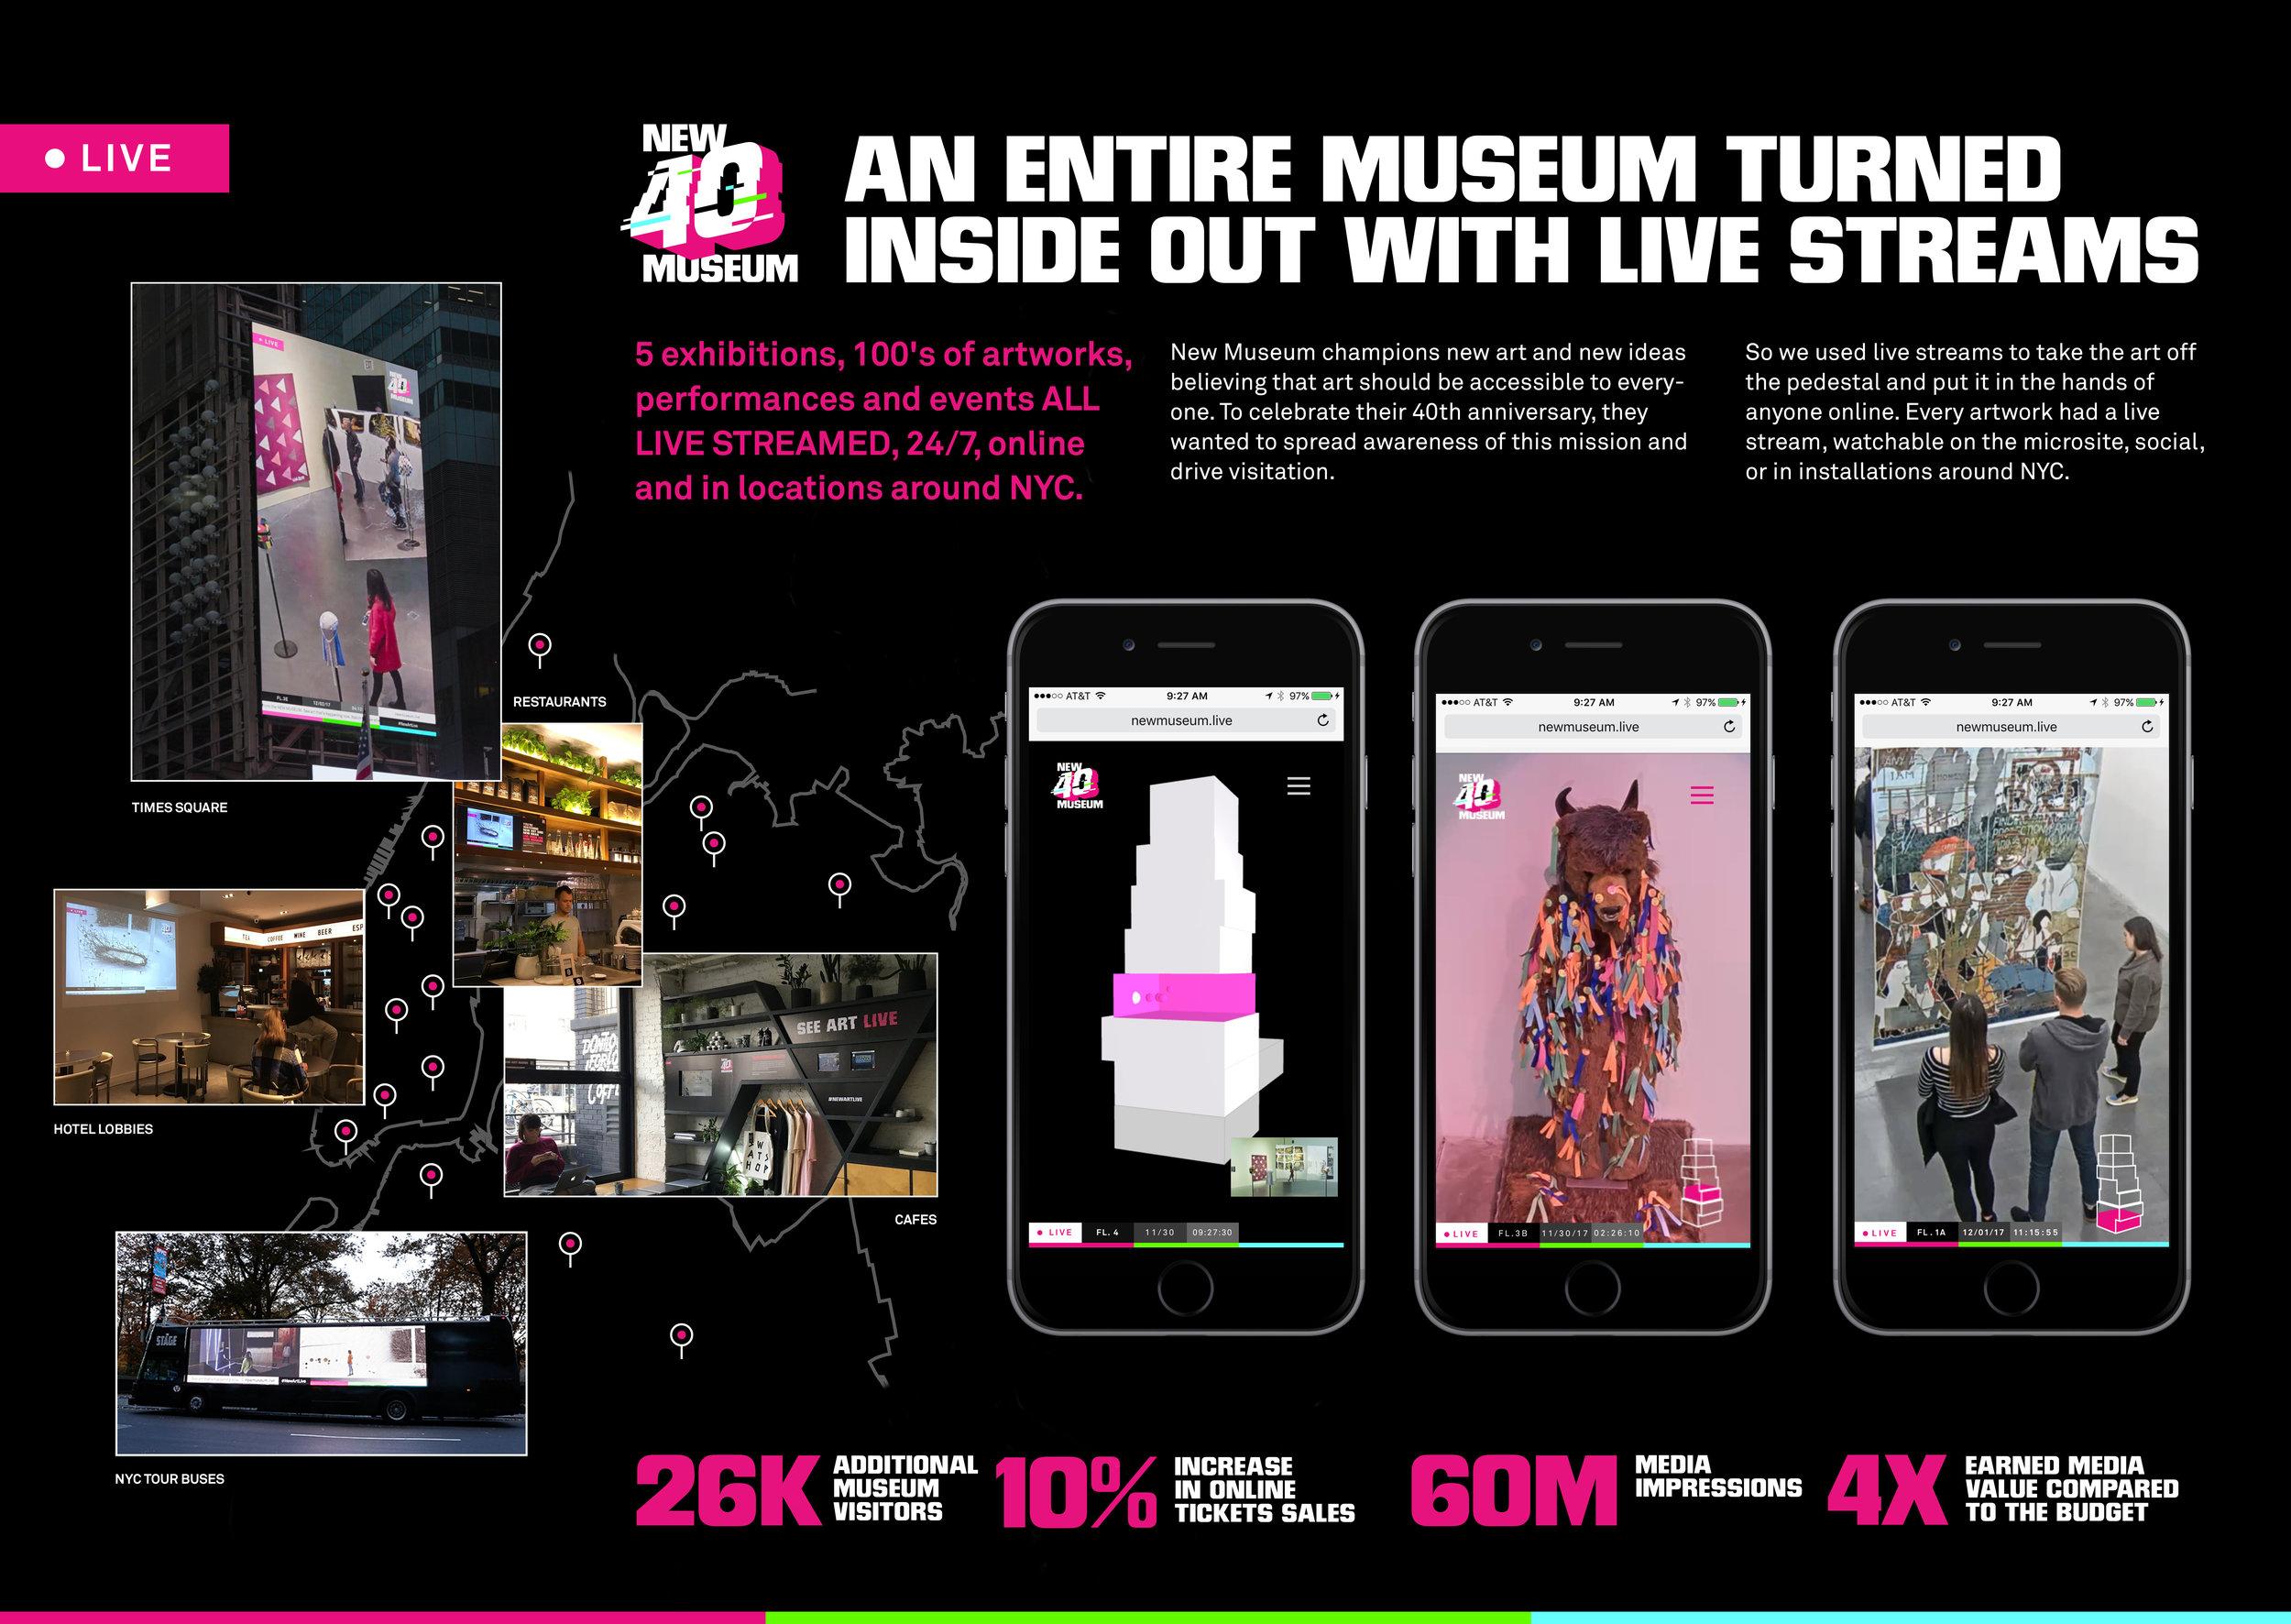 NewMuseumLive.jpg